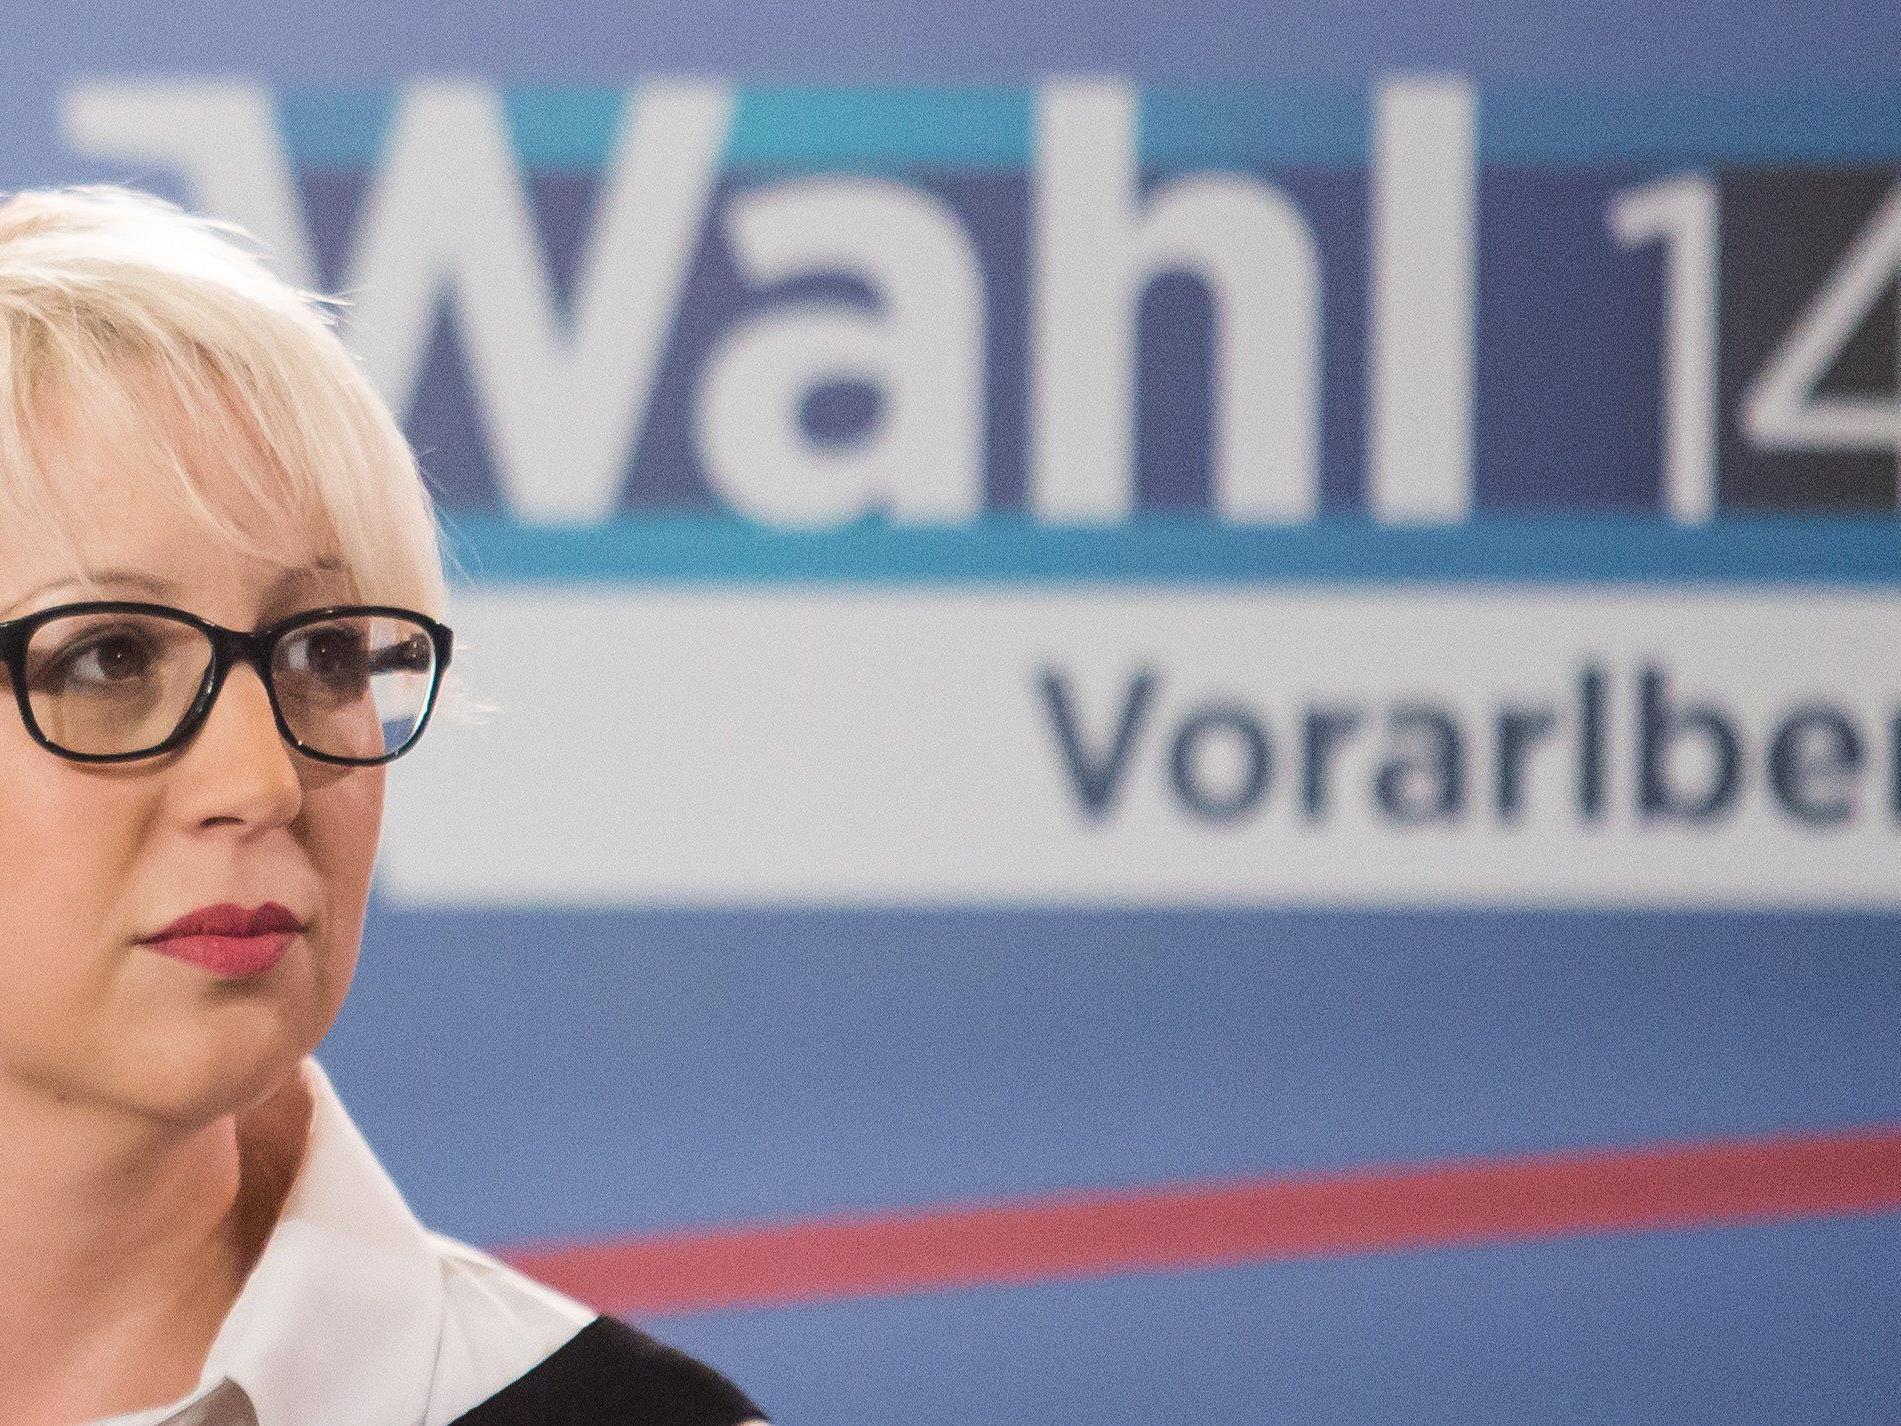 """Auch Scheffknecht gestand ein, dass sie als Neueinsteigerin im Wahlkampf die """"Regeln der Politik manchmal auch hart kennengelernt"""" habe."""